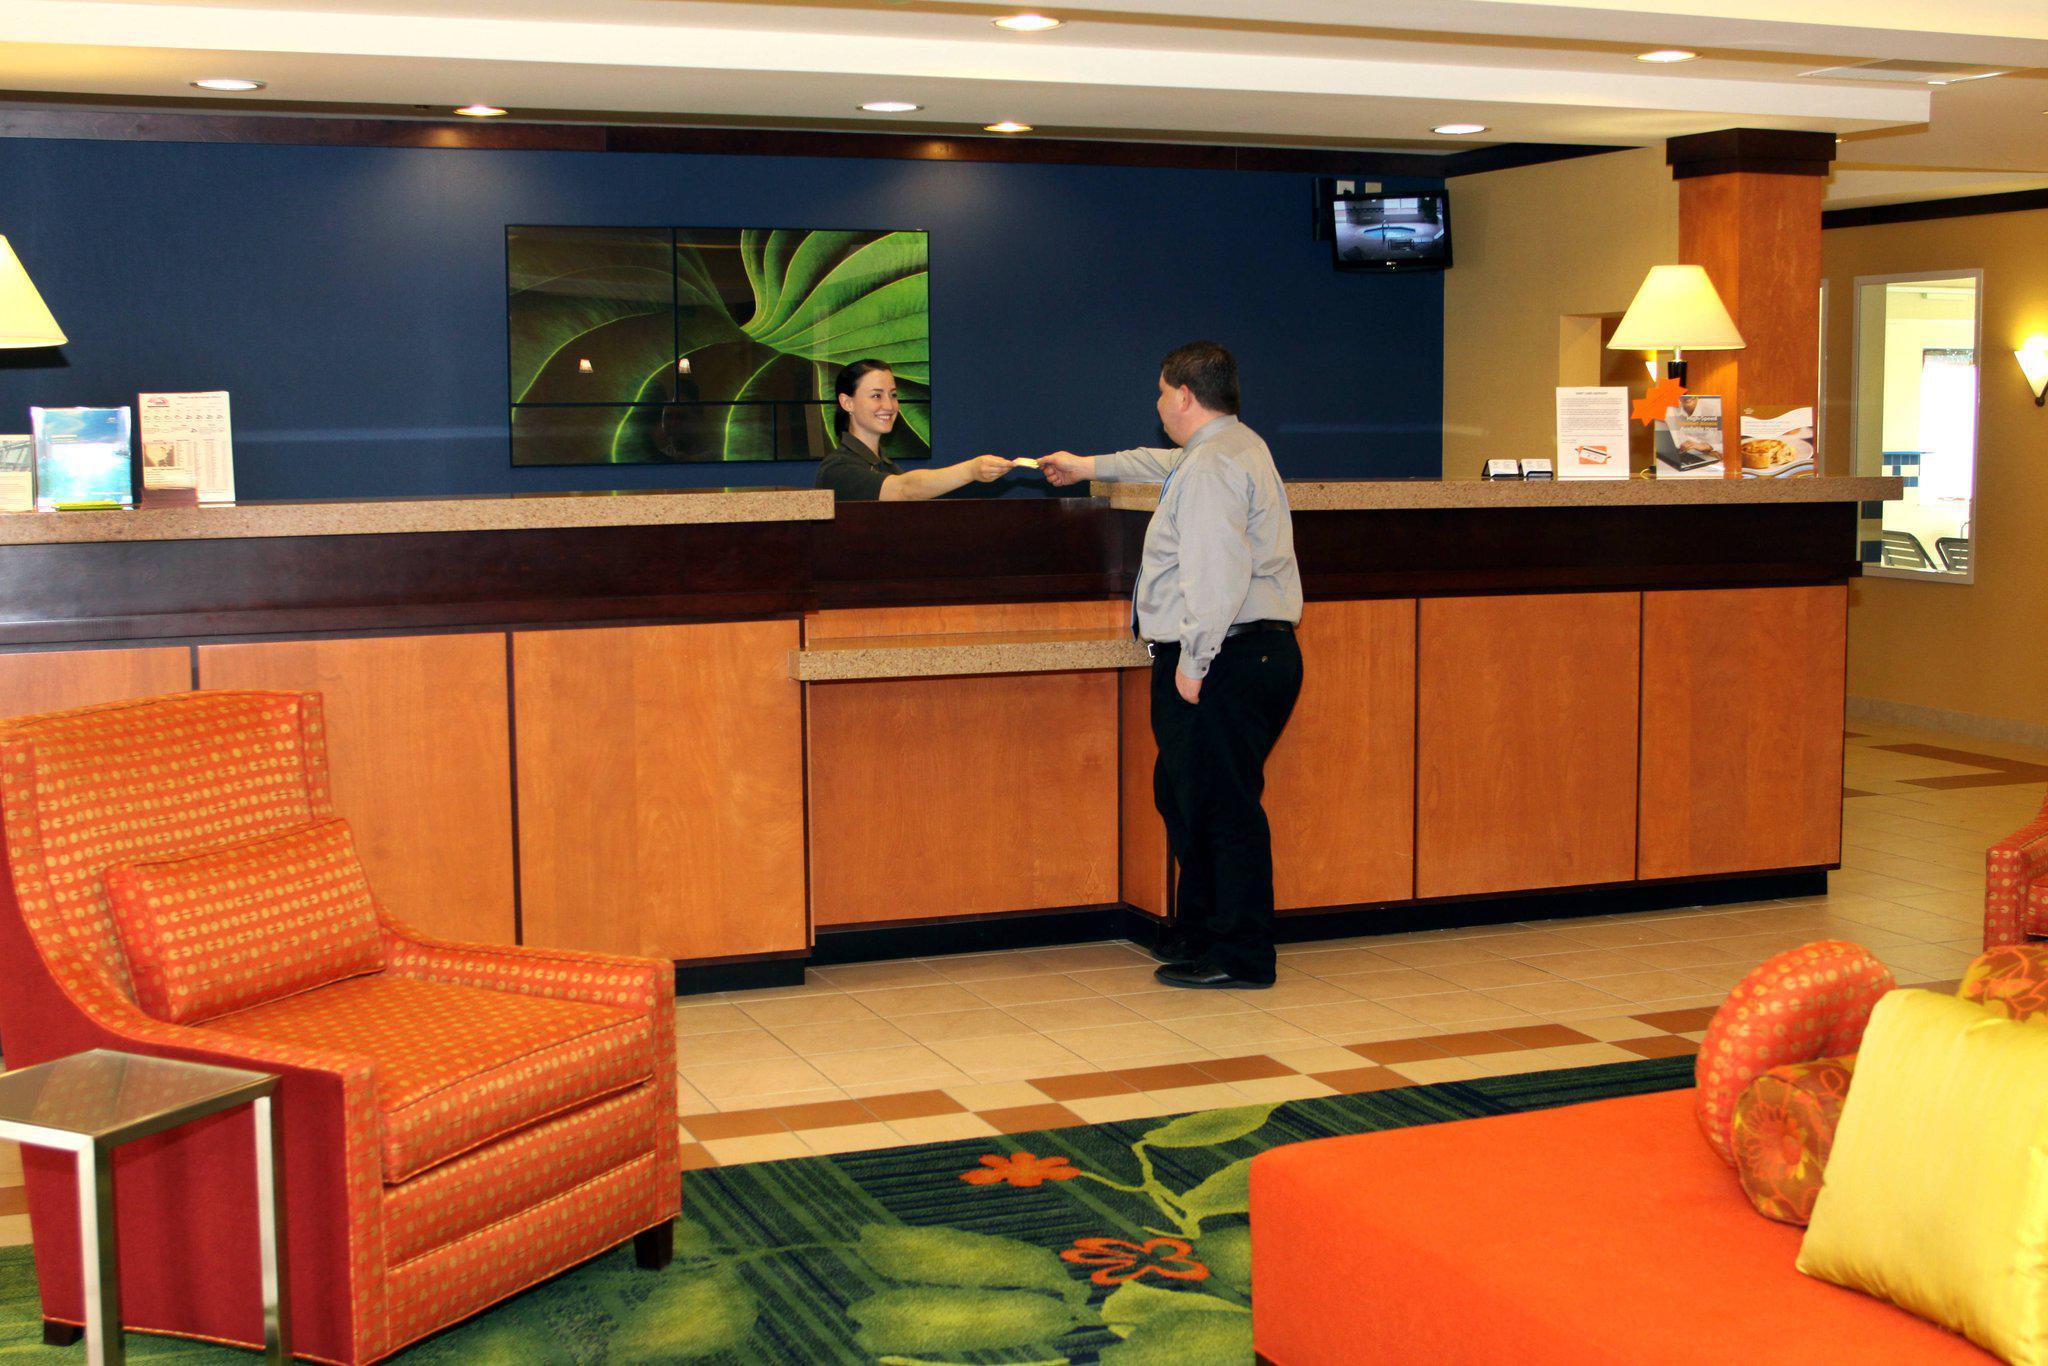 Fairfield Inn & Suites by Marriott Marion